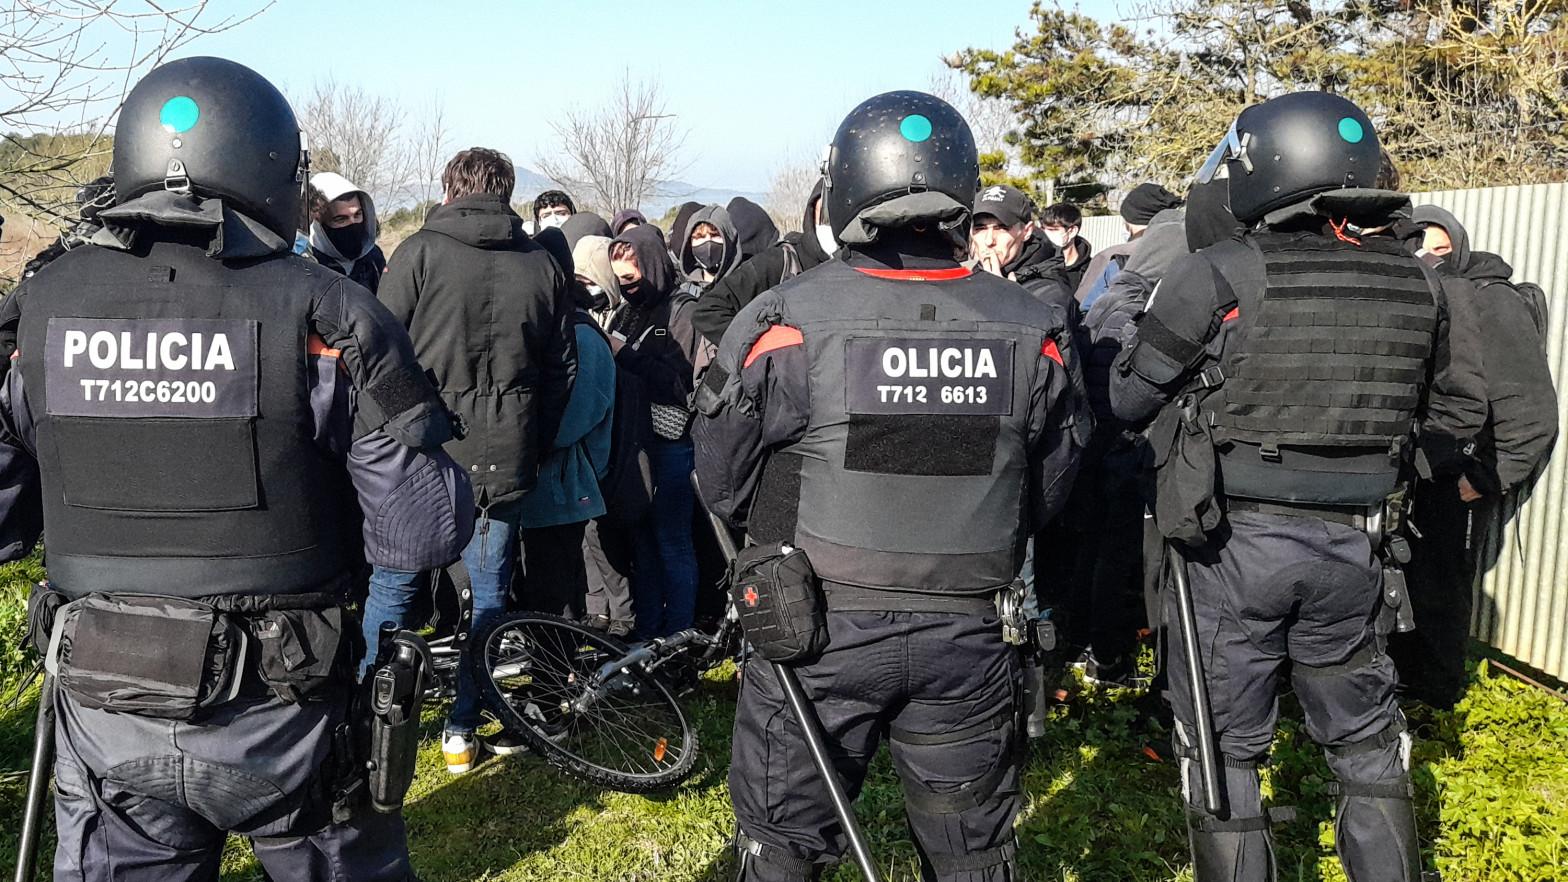 La CUP presiona el Govern para dejar sin defensa legal a los Mossos heridos en protestas